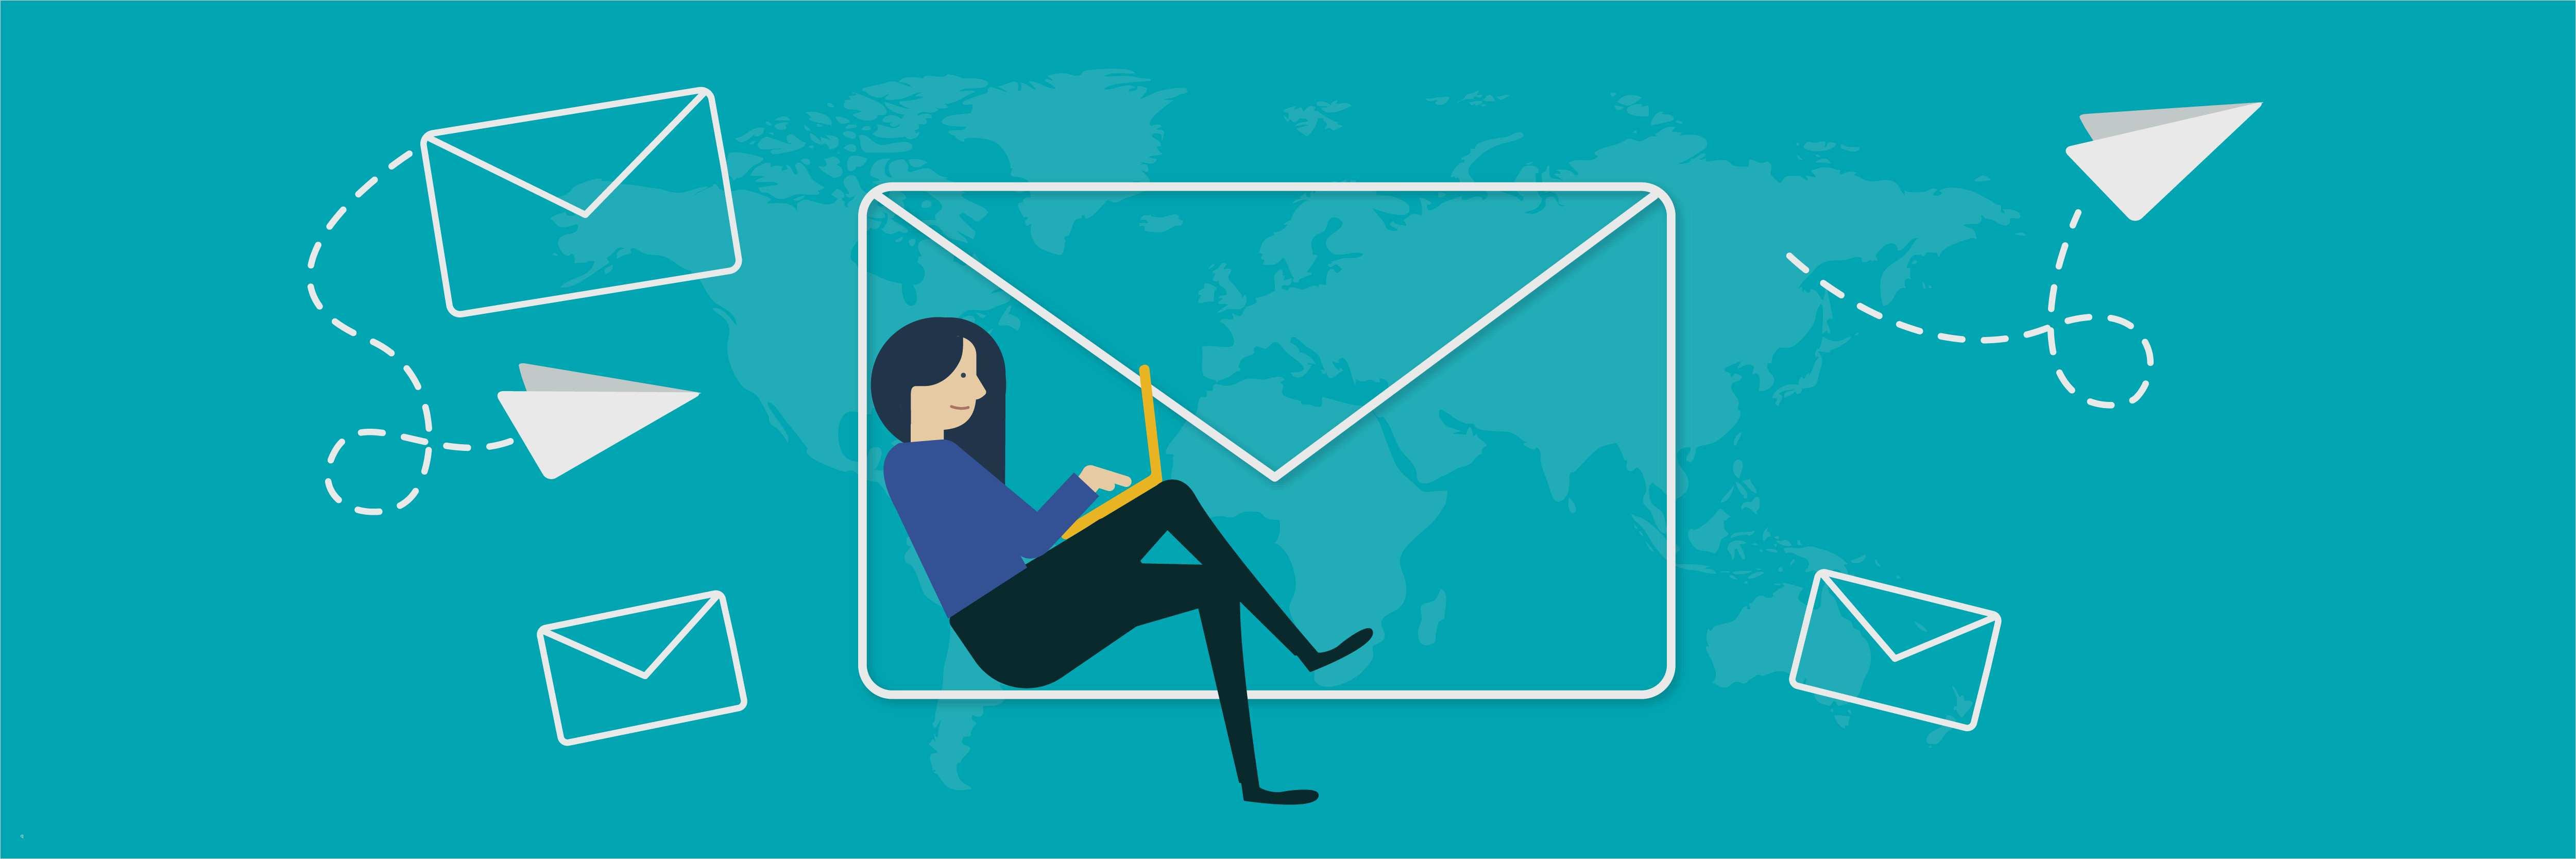 gut gesch ftliche weihnachtsgr e per e mail vorlagen jene k nnen anpassen in ms word